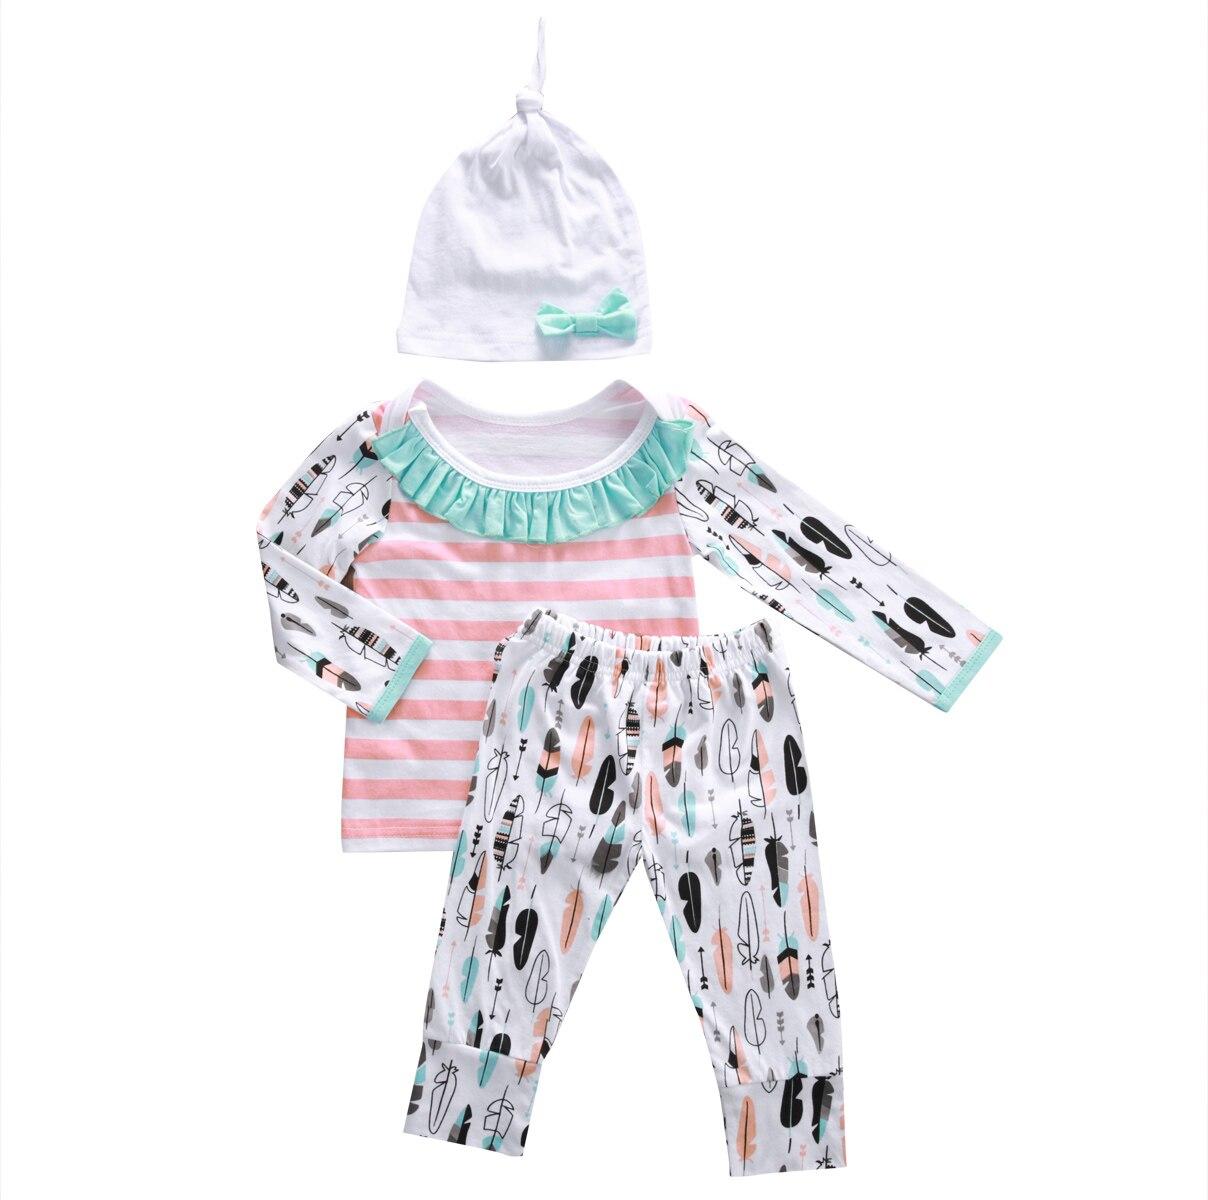 Cute Infant Kids Baby Girl Tops T-shirt + Pants Leggings Hat 3pcs Outfit Set Children Autumn Spring Clothes Set